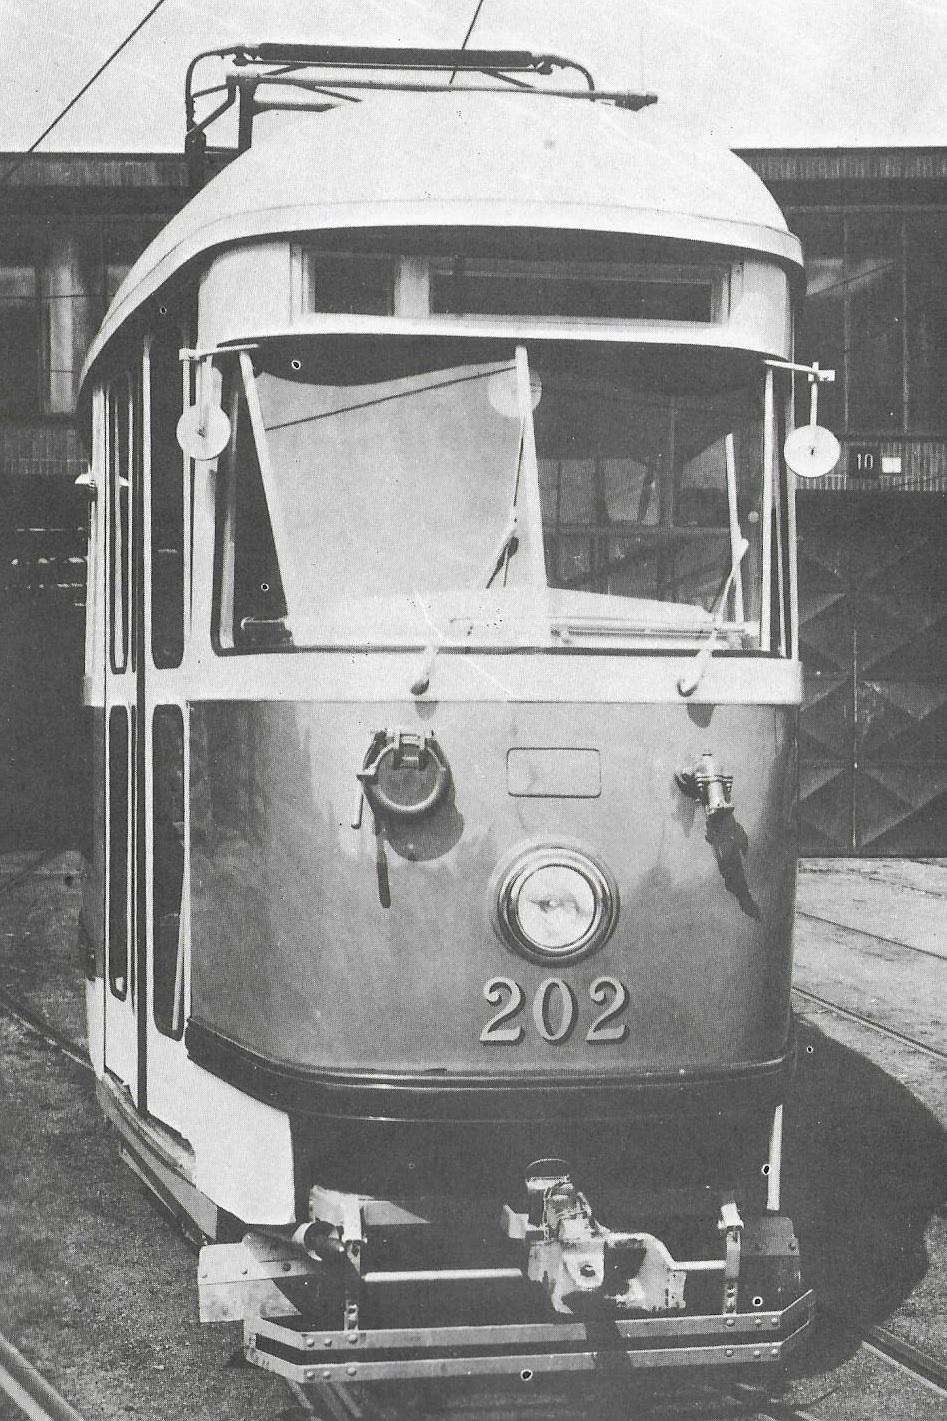 Tramvaj T1 ev. č. 202 pro Košice v pražské vozovně Motol. (foto: DPMK)